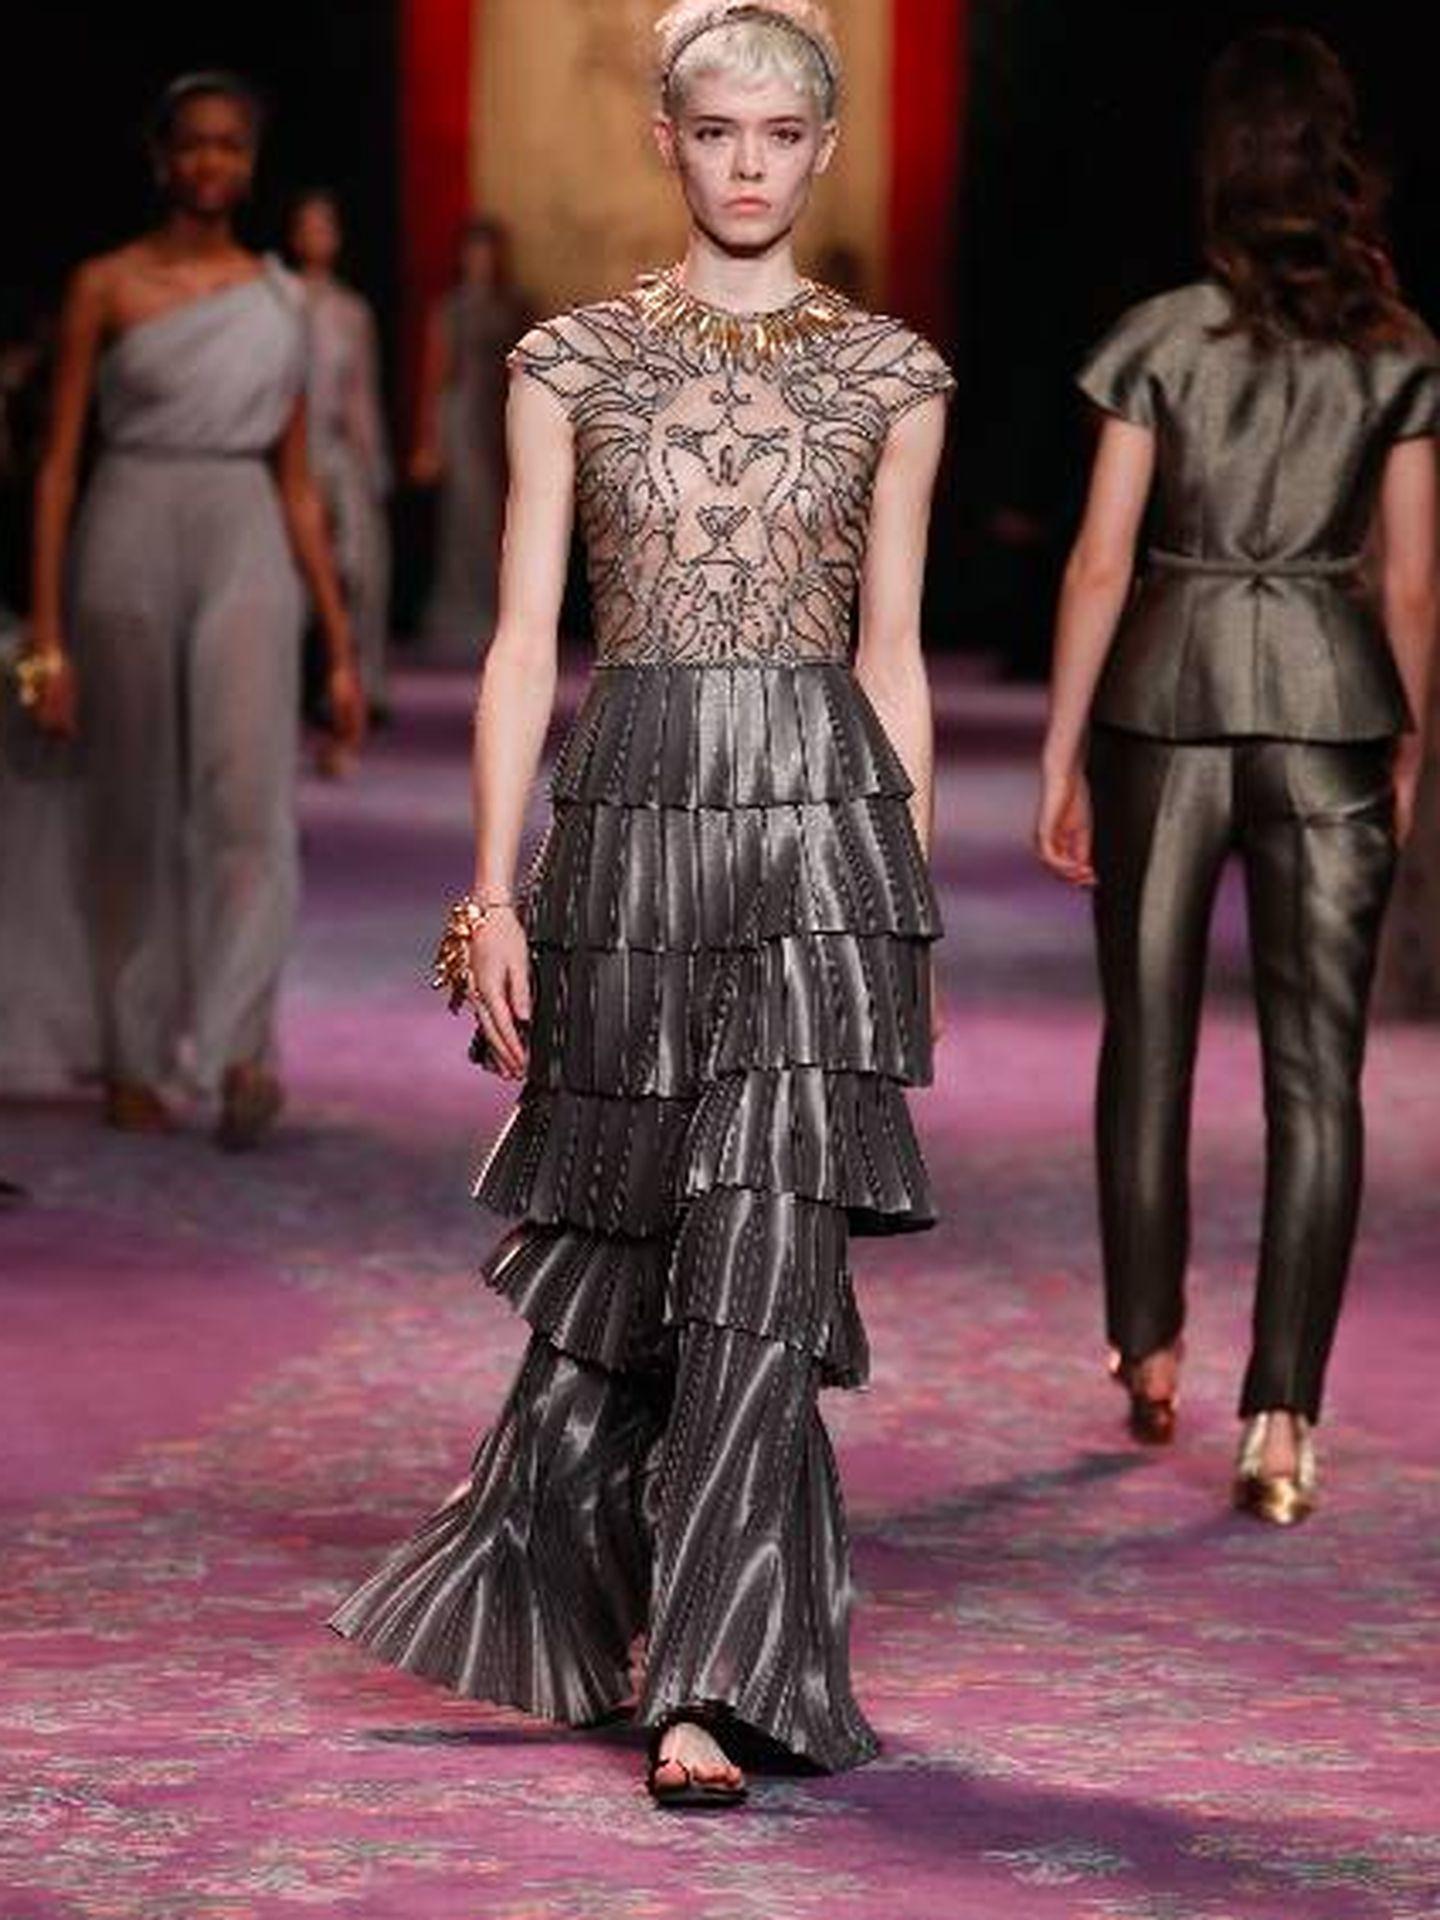 Un momento del desfile. (Christian Dior)